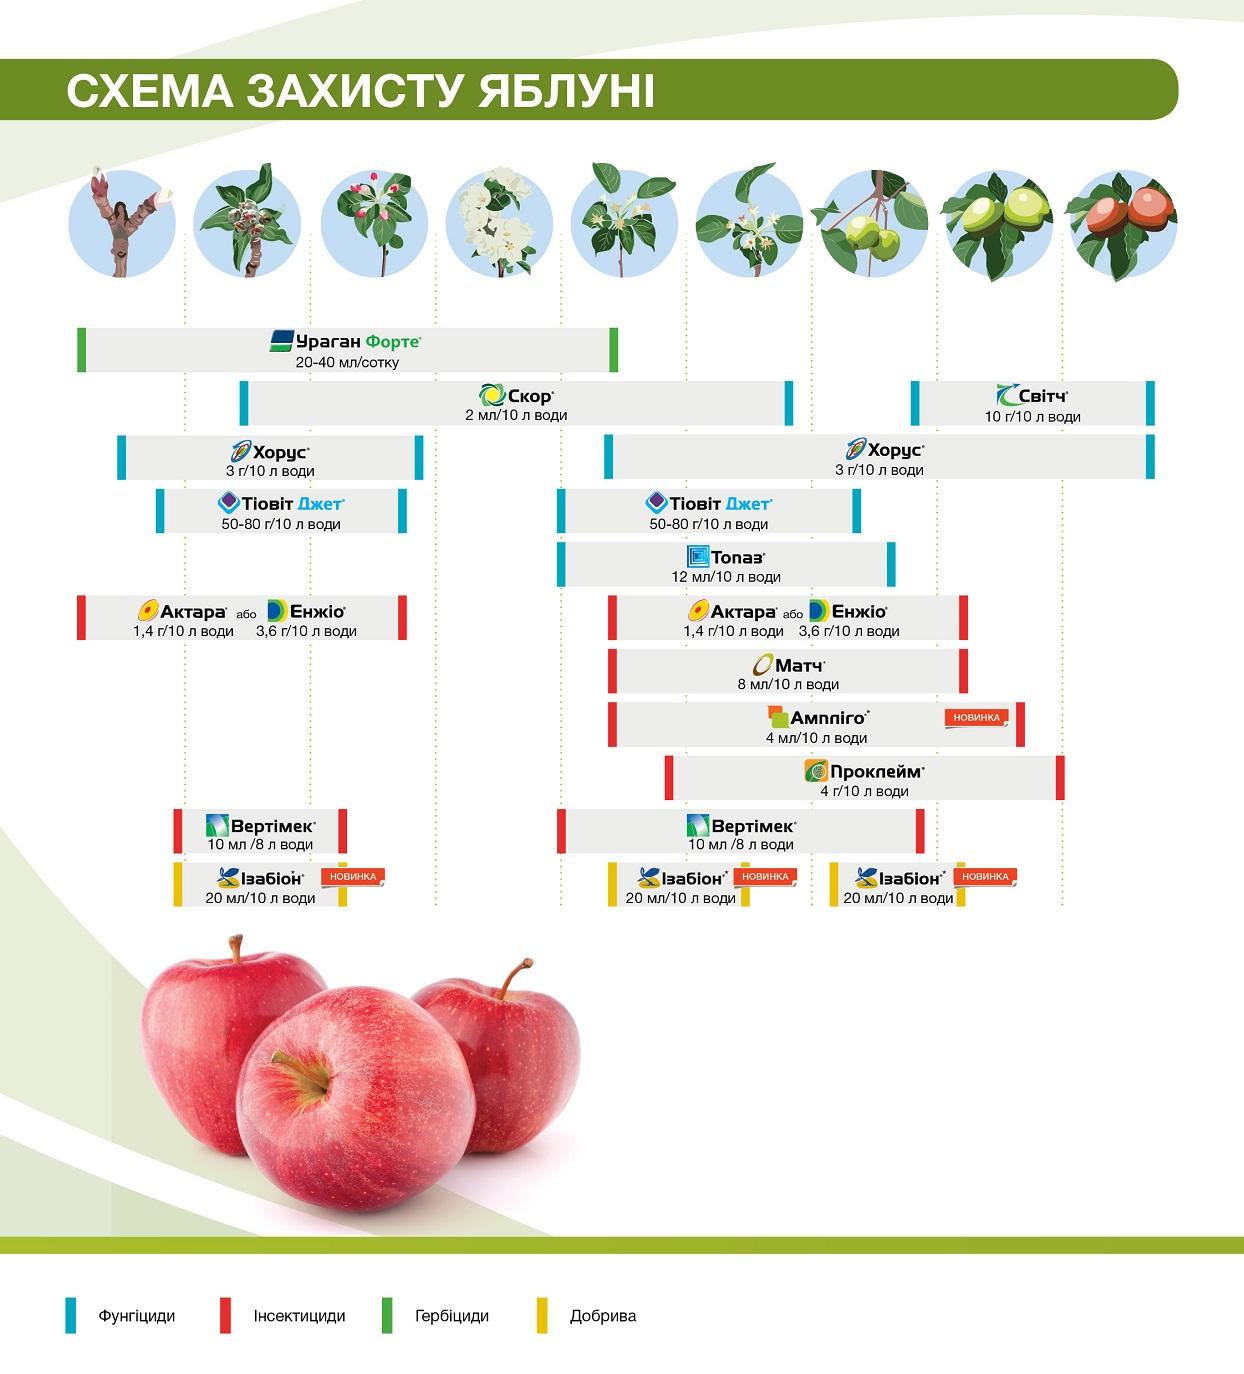 fruitsprotection_brochure_syngenta.jpg (284.99 Kb)